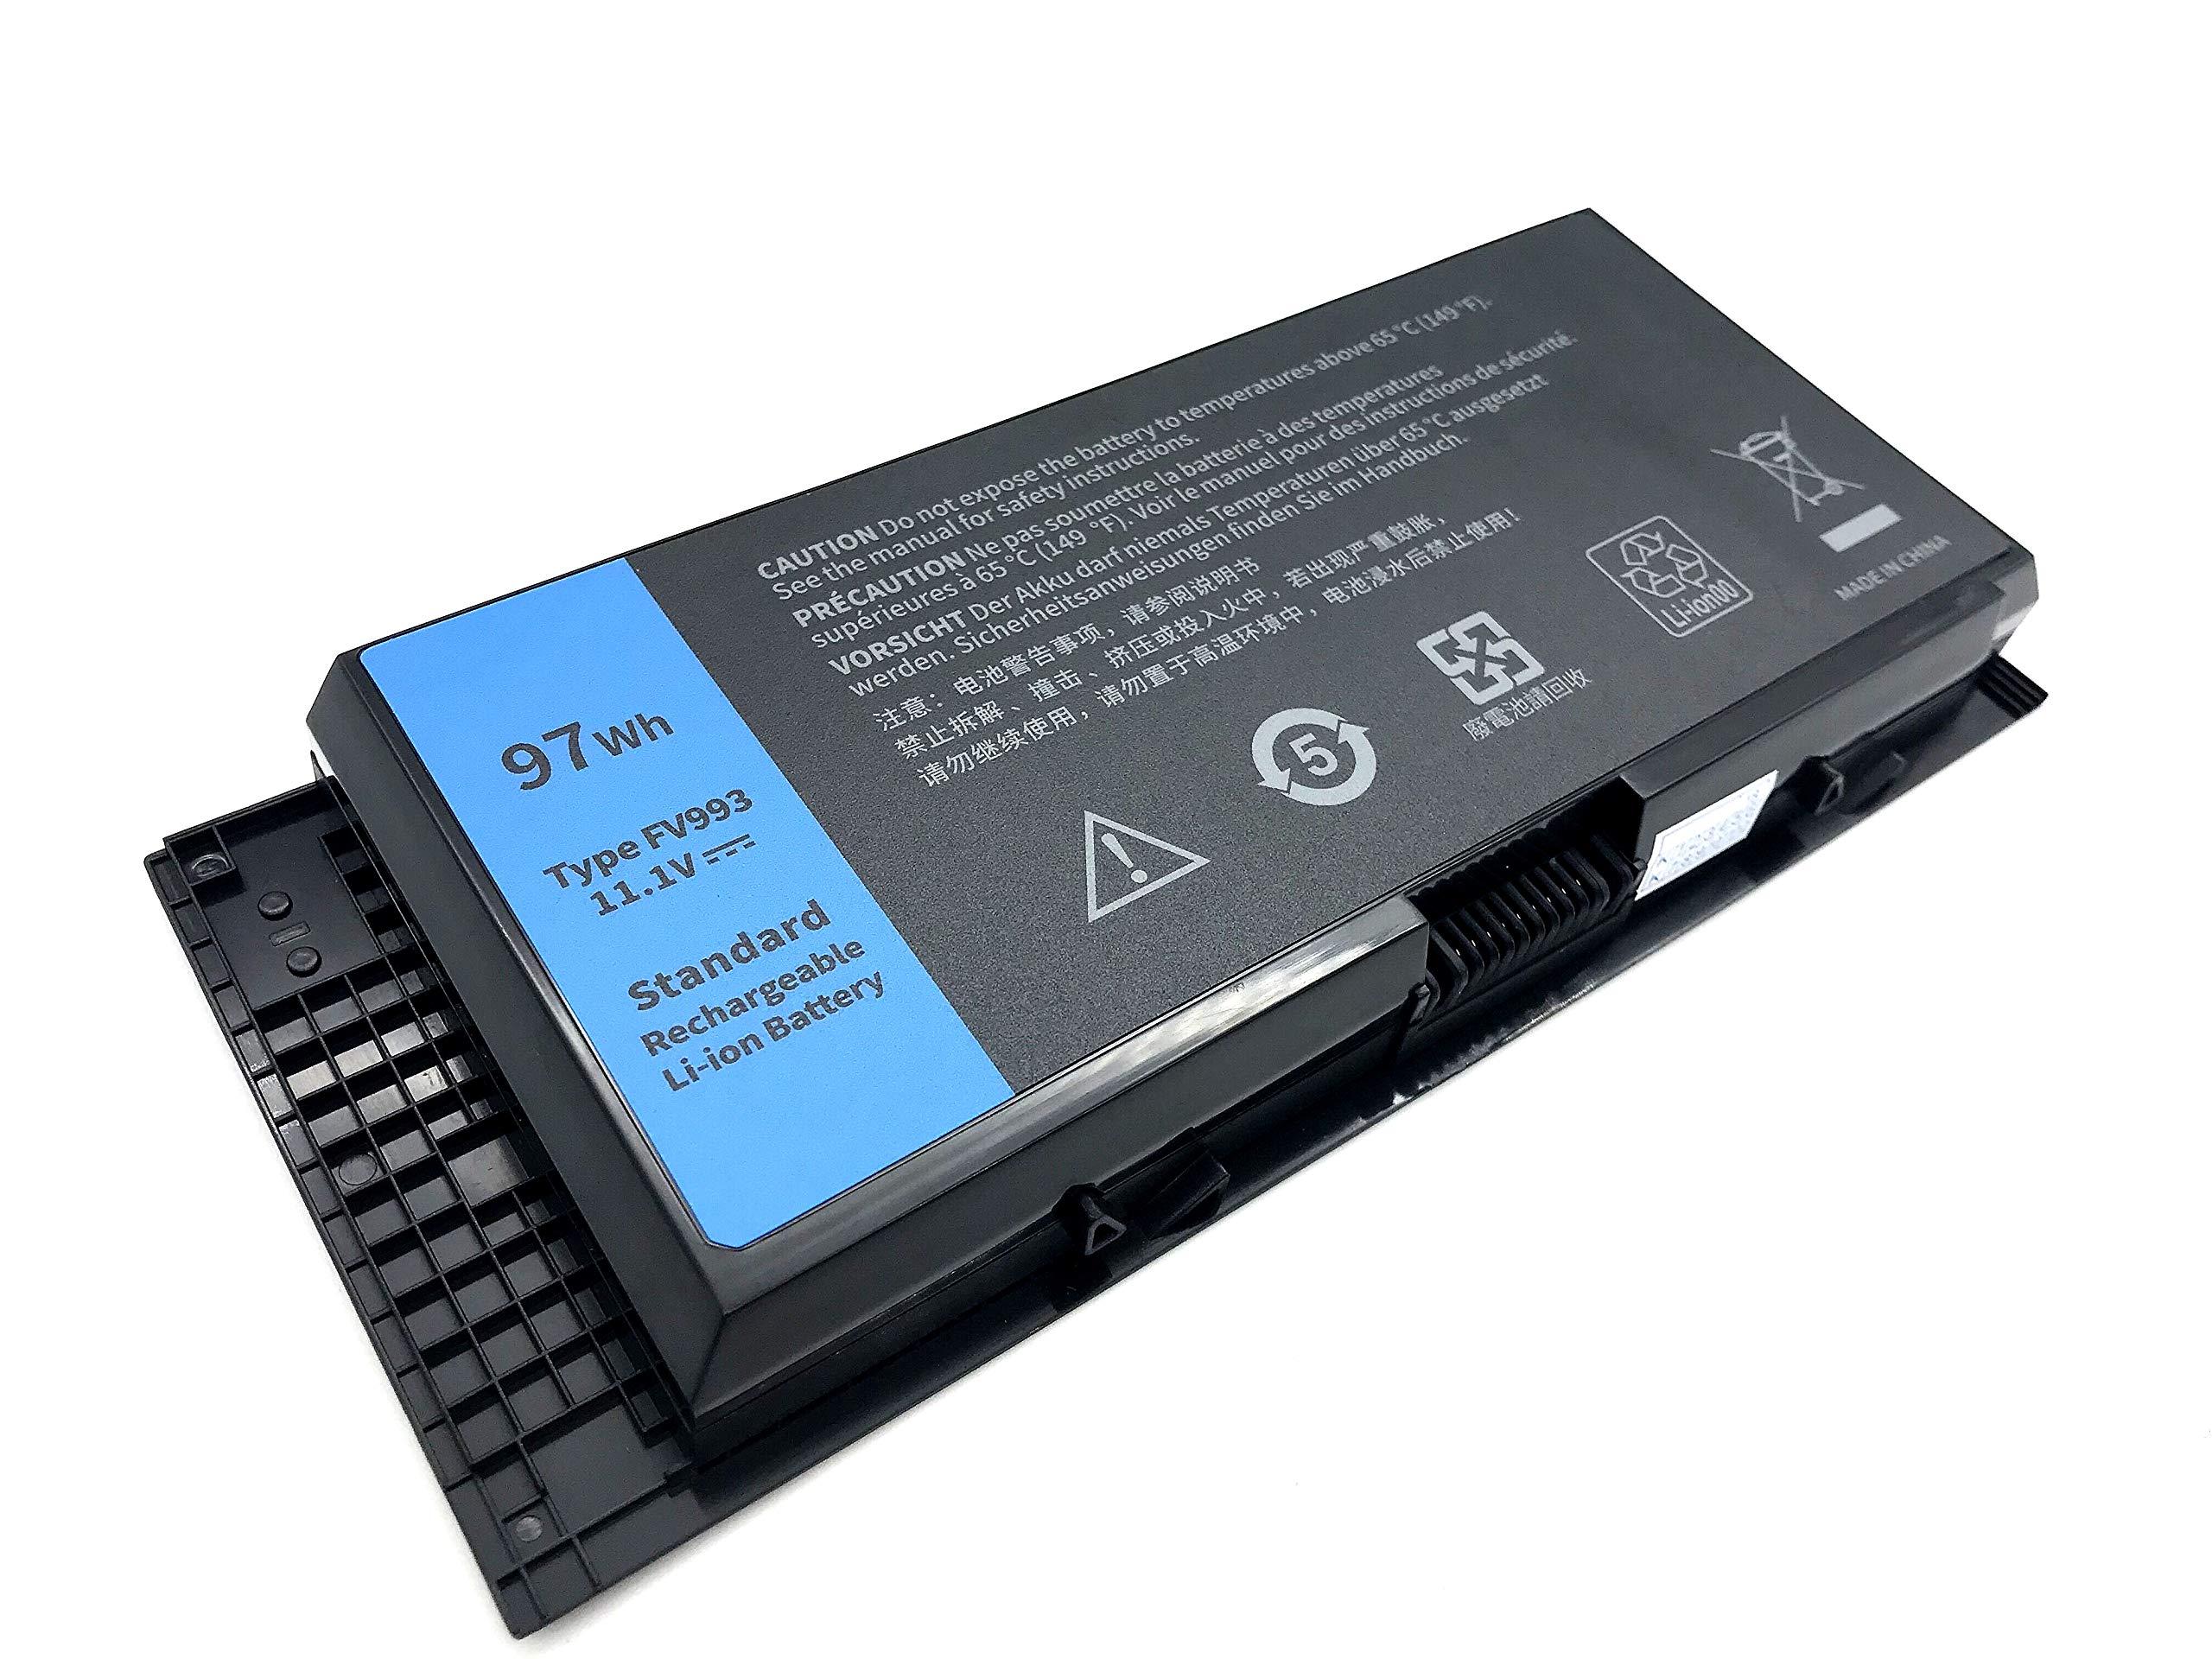 Bateria FV993 11.1V 97Wh para Dell Precision M4600 M4800 M6600 M6800 M6700 M4700 FJJ4W PG6RC V7M28 9 Celdas